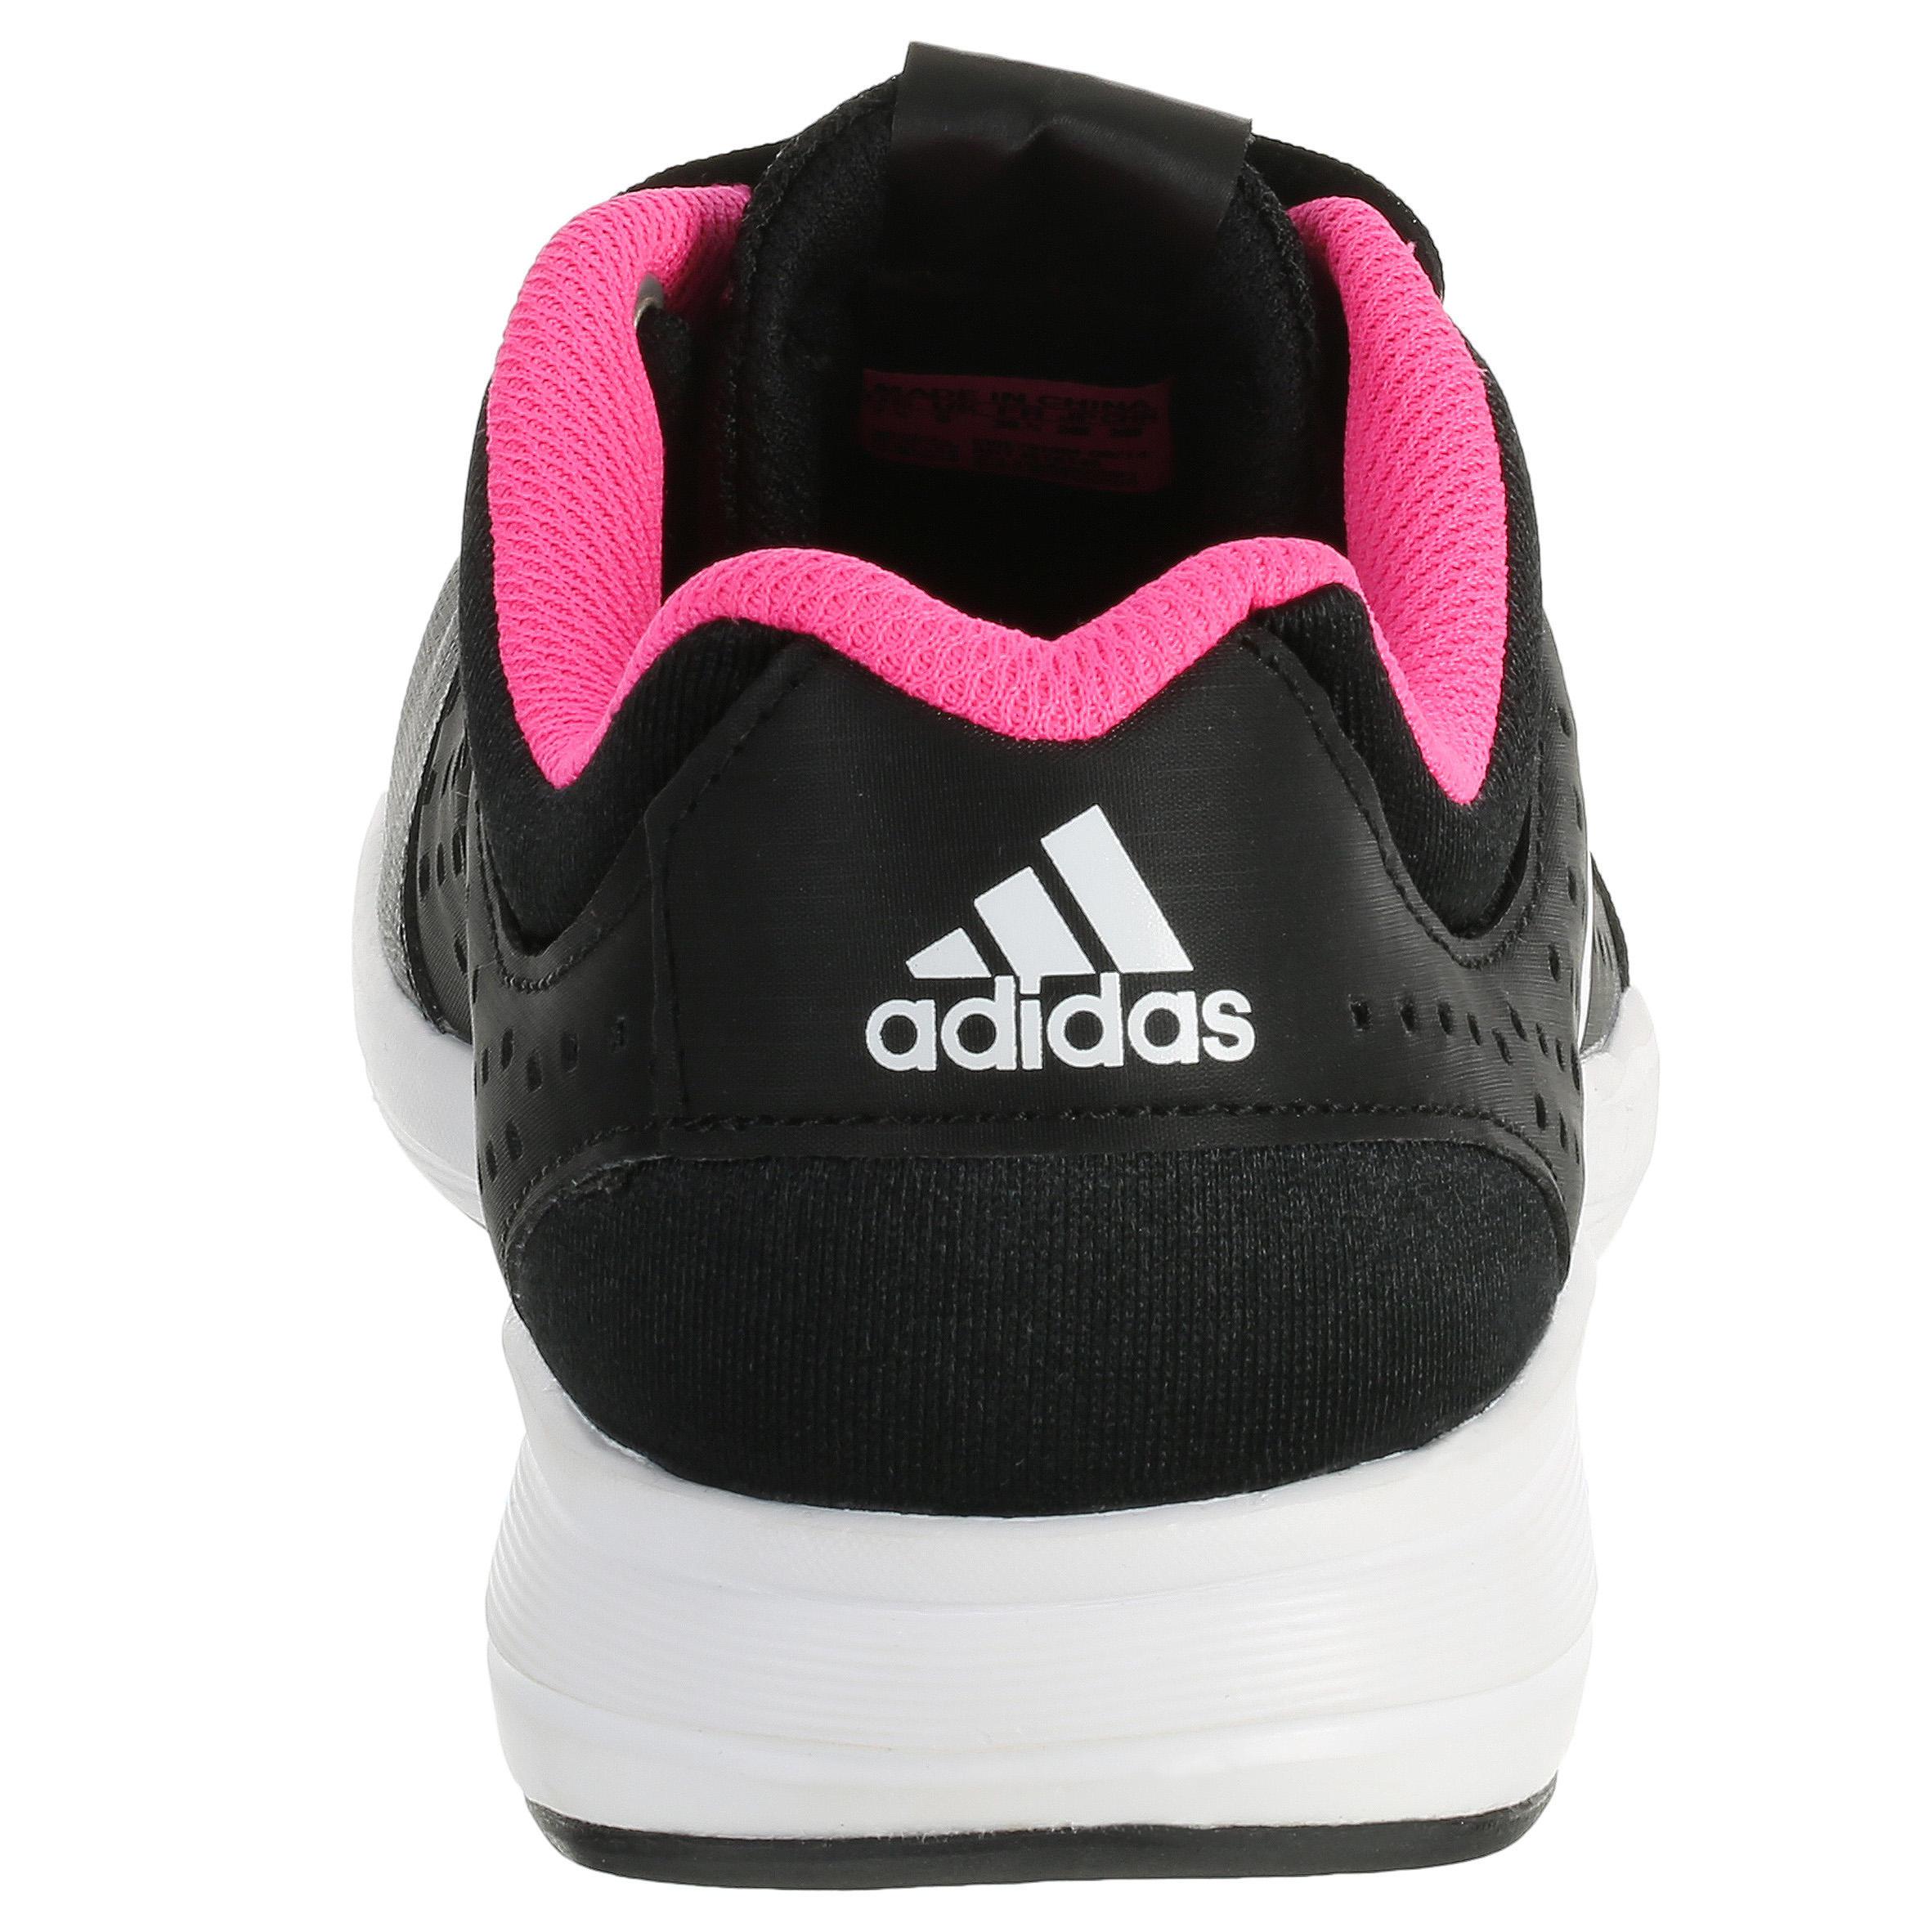 Noir Femme Fitness Chaussures Xrcoebwd Arianna Adidas Iii A3qRjL54